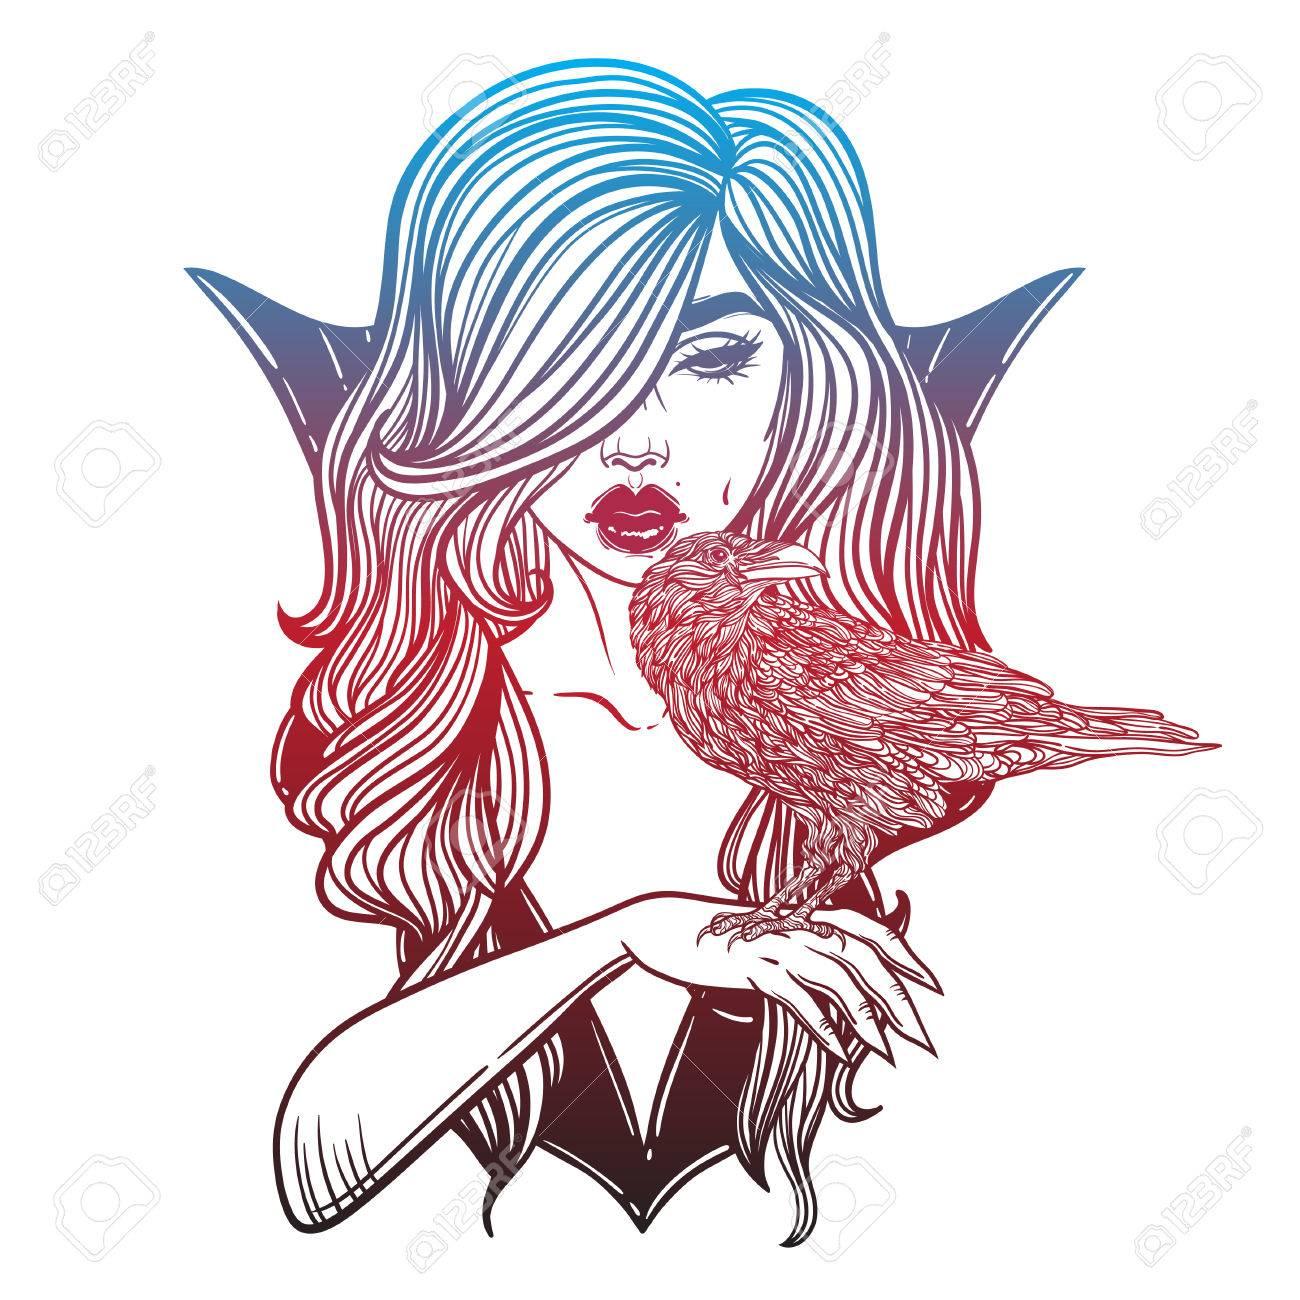 La Muchacha Del Vampiro Con La Mano Cuervo Dibujo De Línea. Dibujado ...